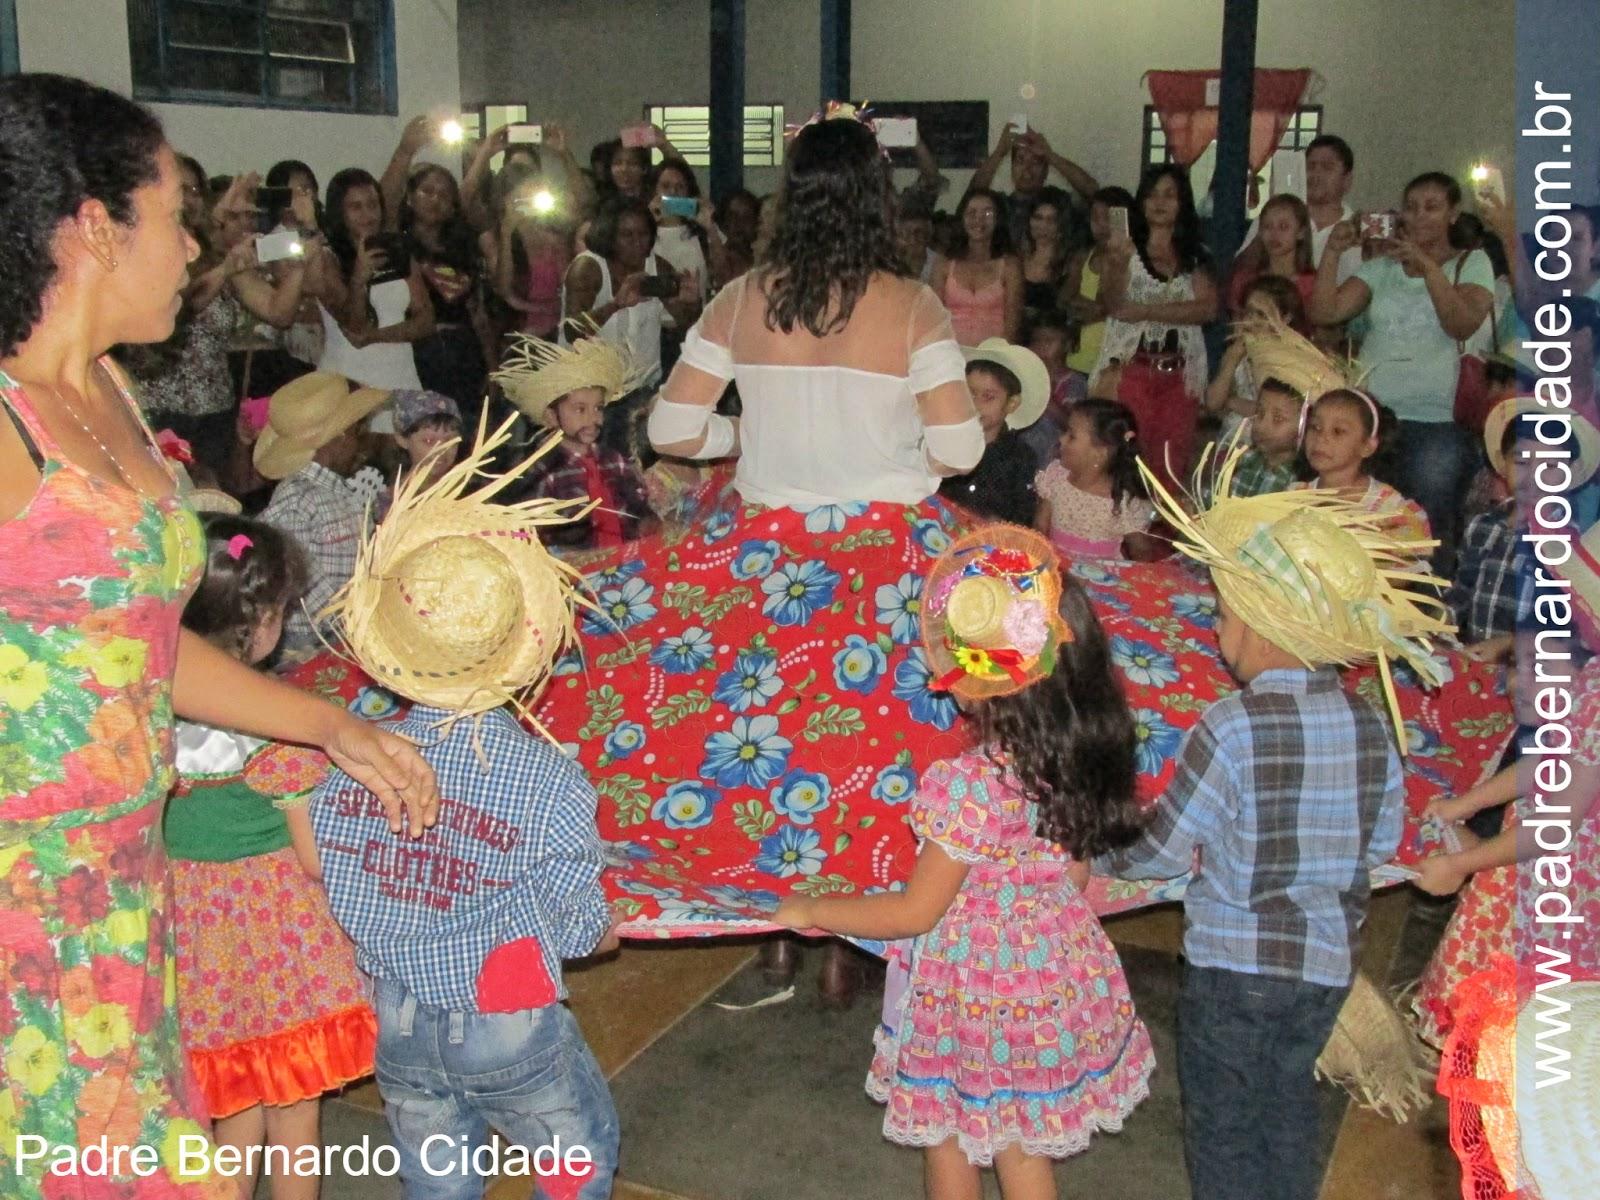 Festa Junina, anarriê, festa no goias, Padre bernardo, escola em padre bernardo, turismo